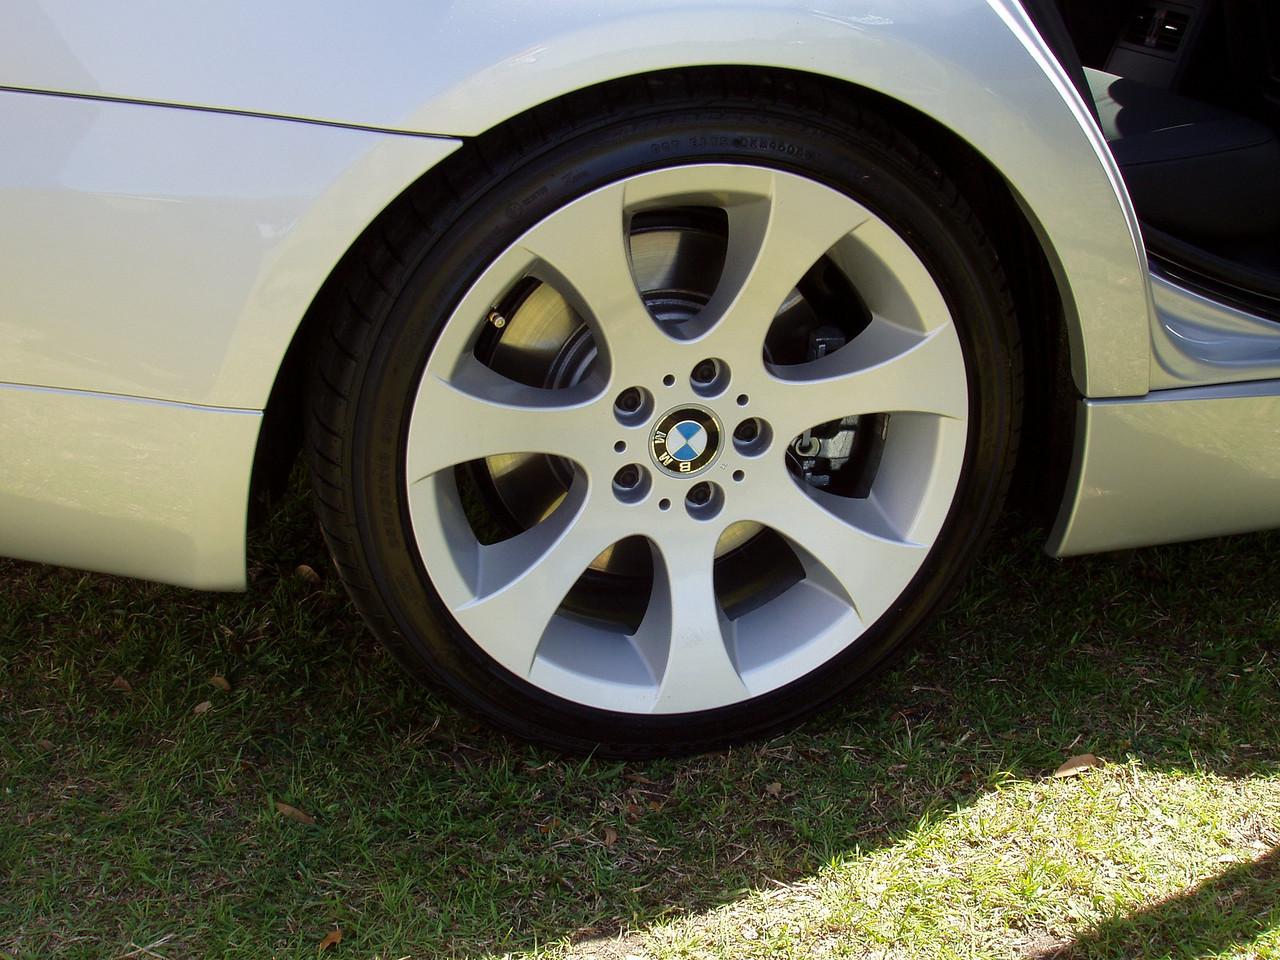 2006 330i Sport Package rear wheel/brakes